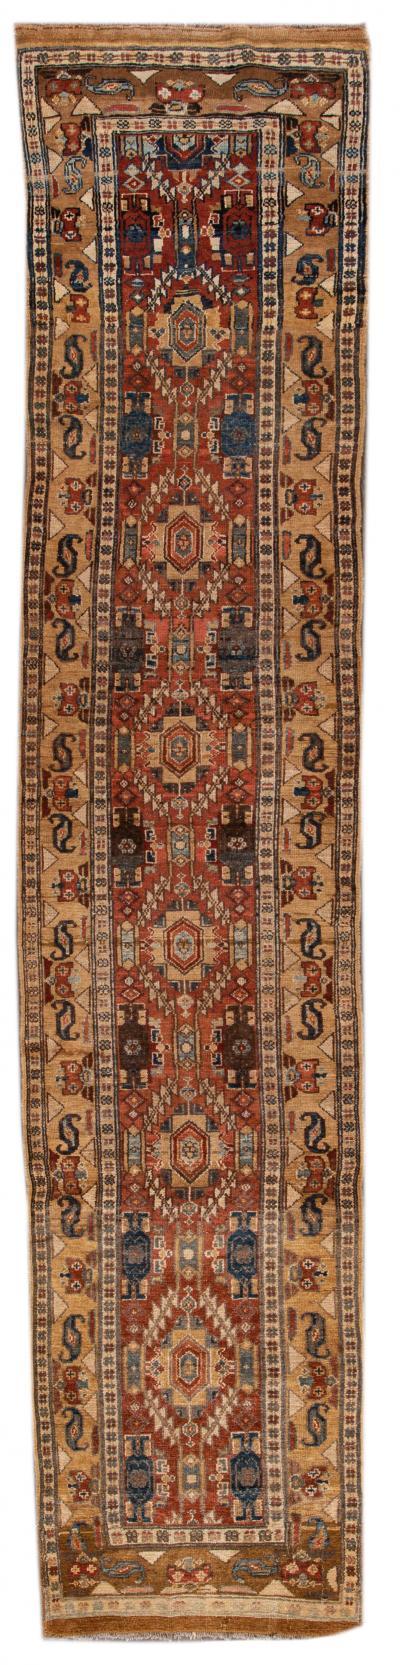 Vintage Bakshaish Tribal Wool Runner